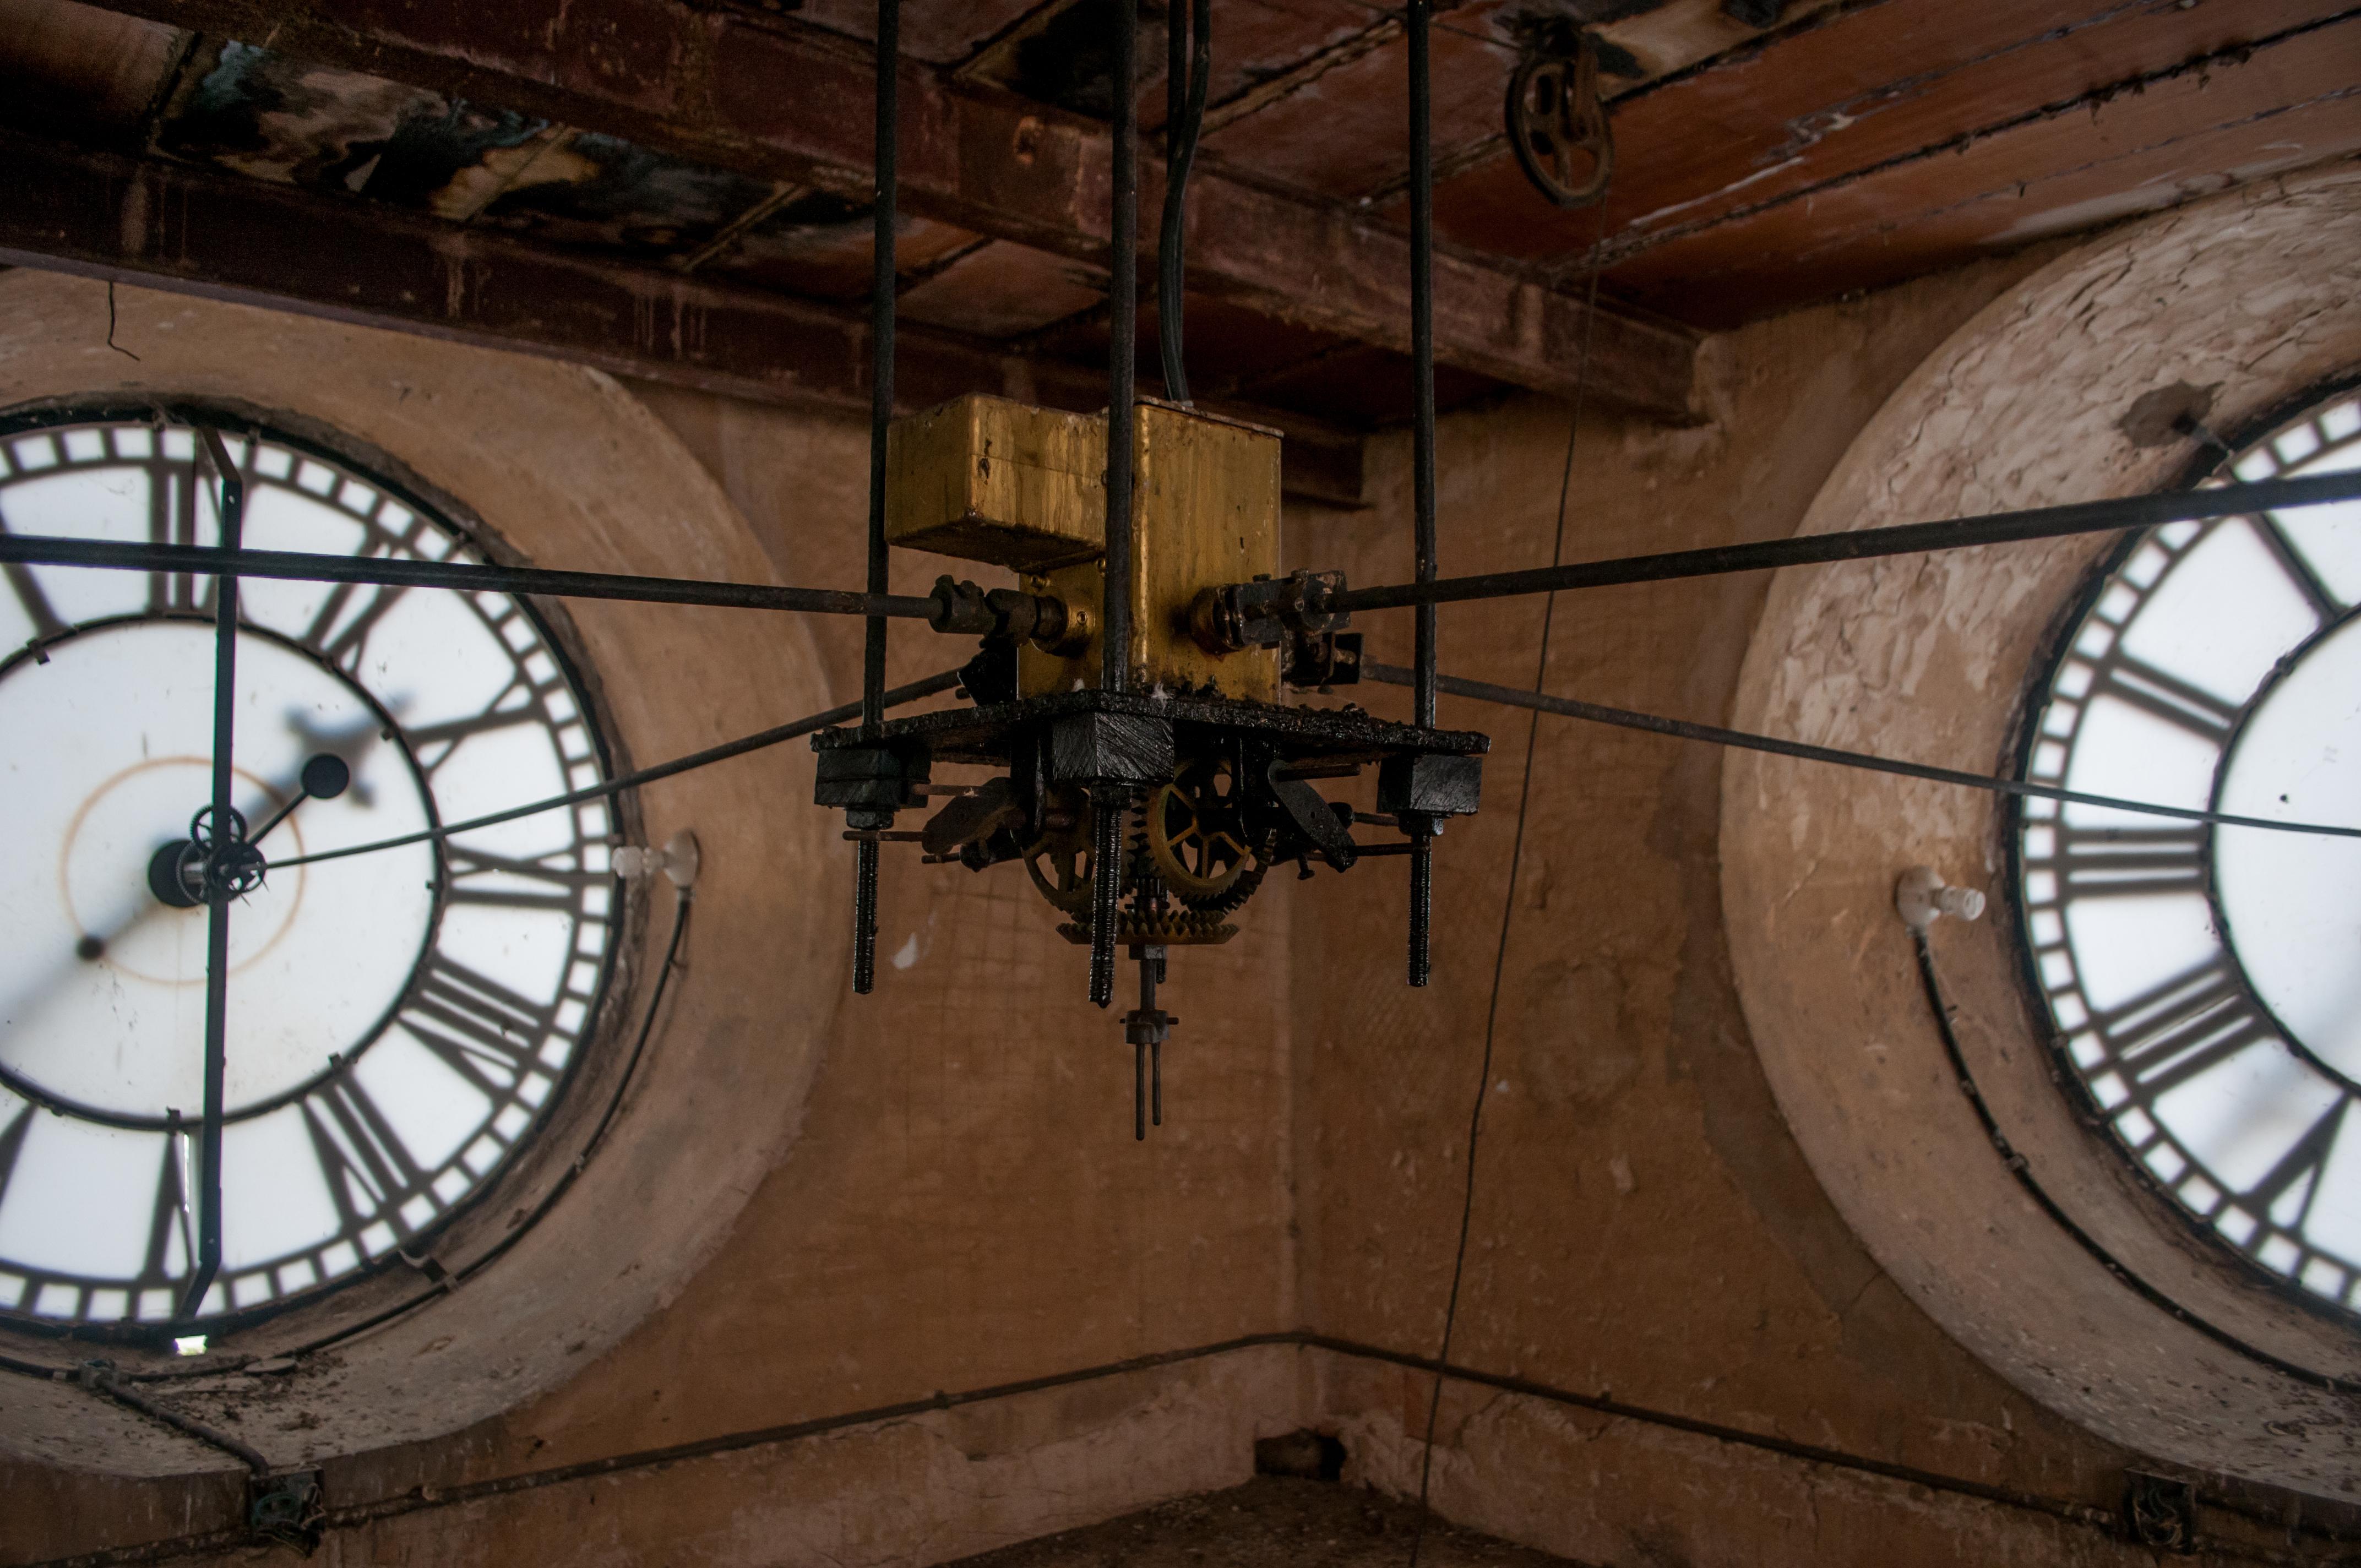 Fysicus bedenkt wiskundig correcte manier om een tijdmachine te bouwen